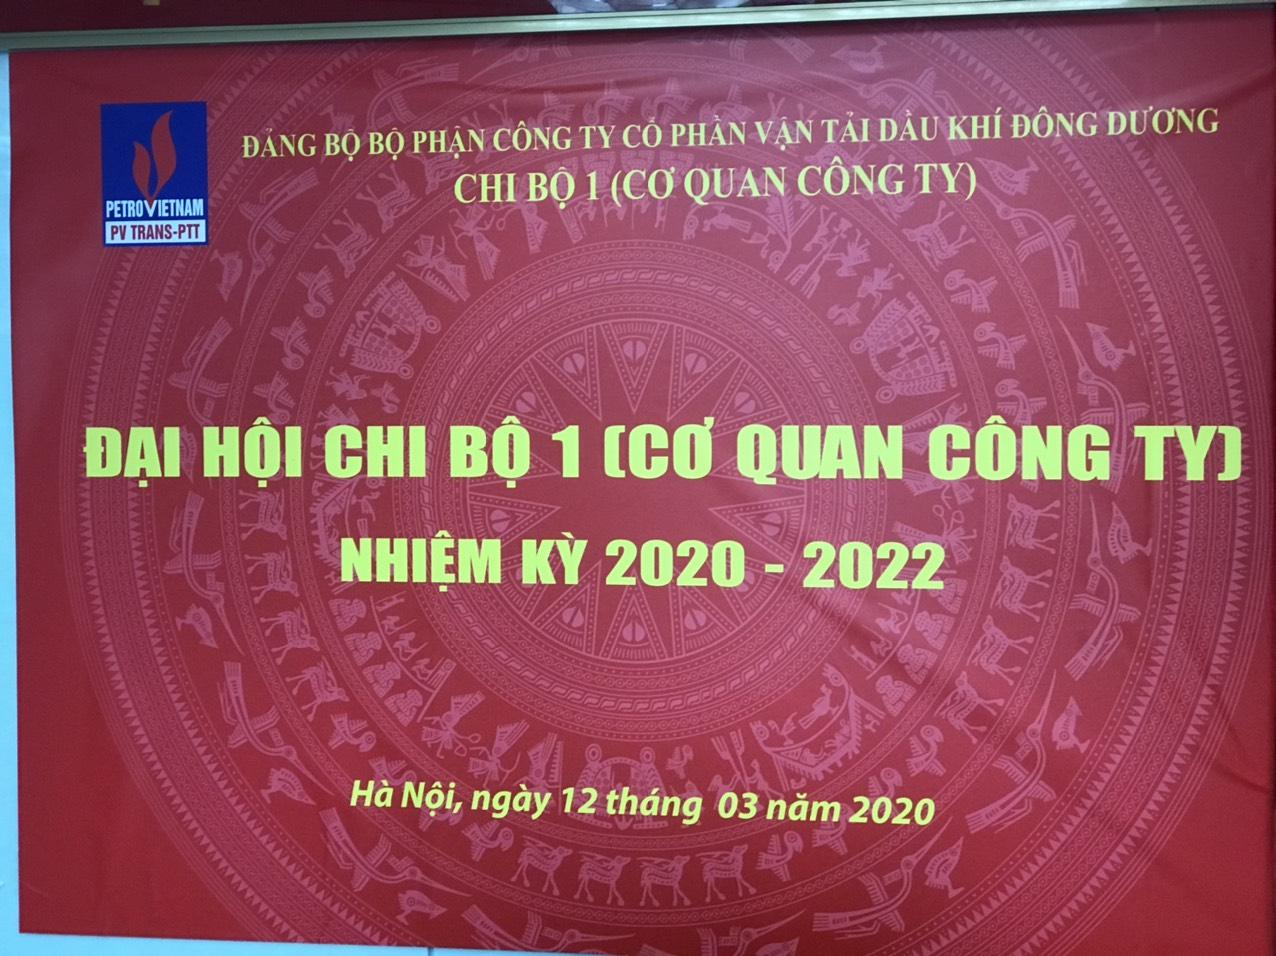 Đại hội Chi bộ 1 (Cơ quan Công ty) lần thứ II, nhiệm kỳ 2020-2022